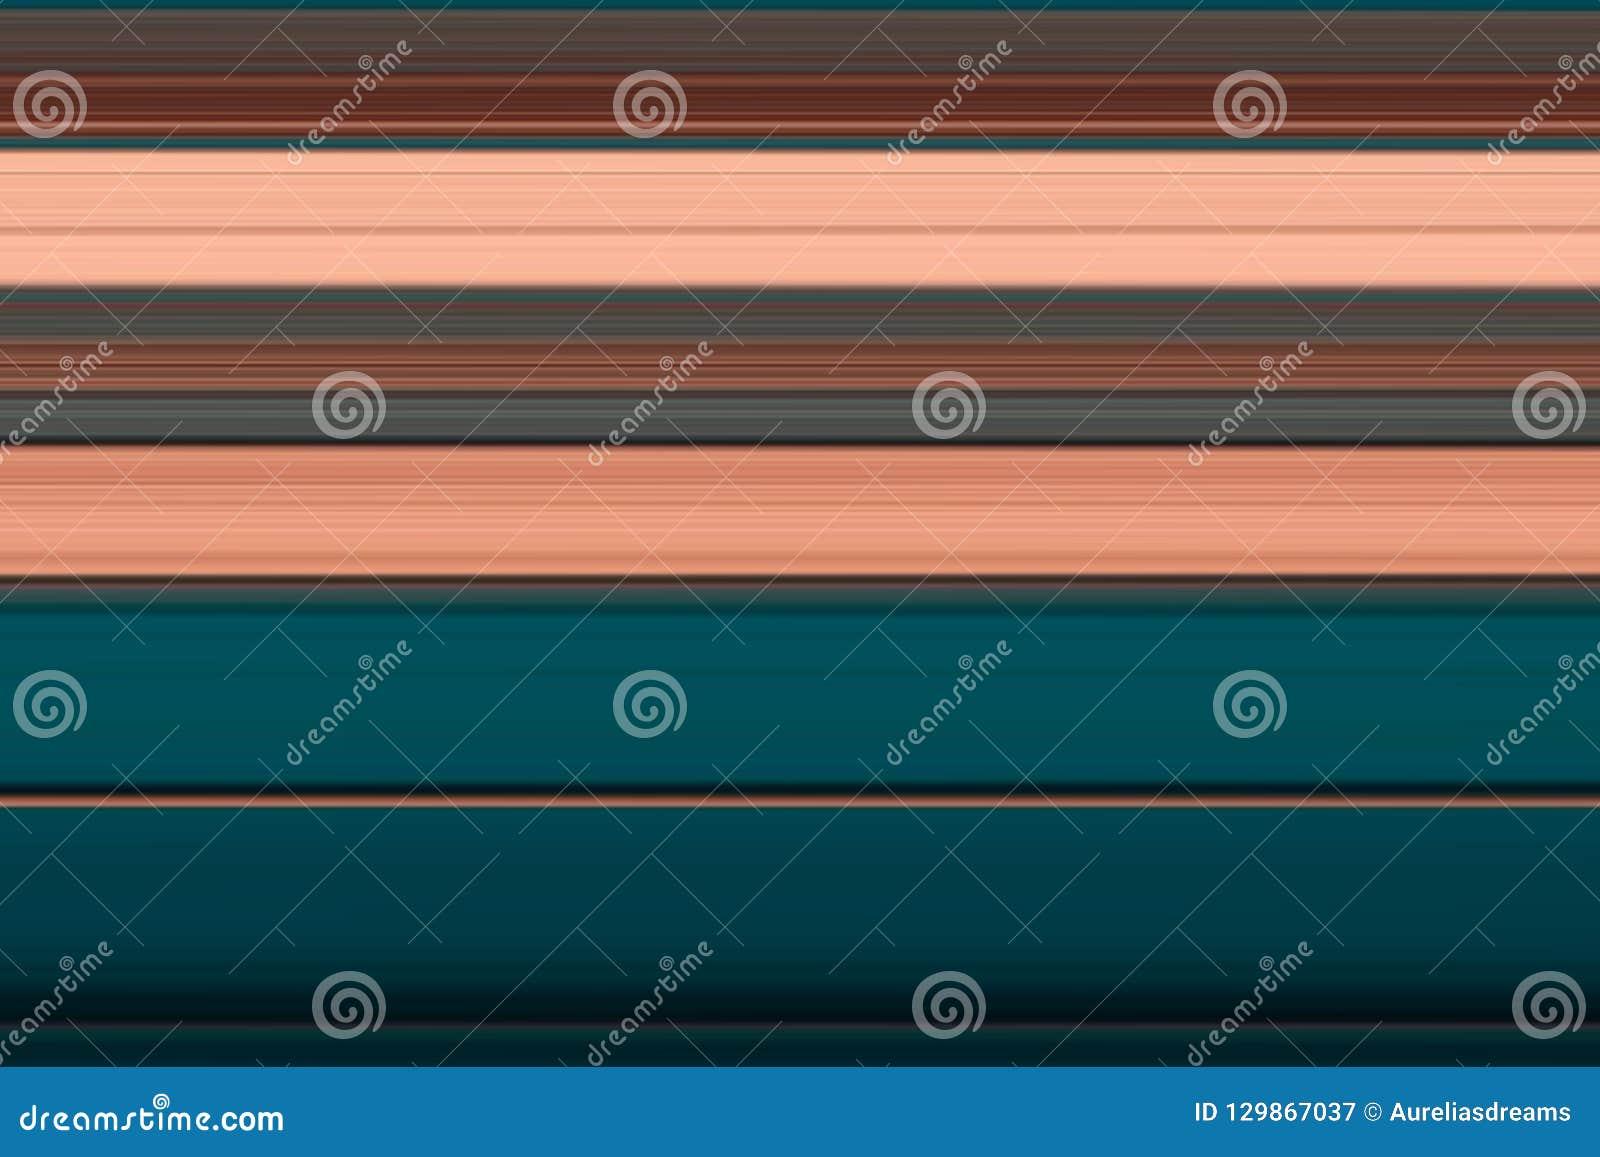 Lineas horizontales brillantes fondo, textura del extracto olorful del ¡de Ð en tonos marrones y azules